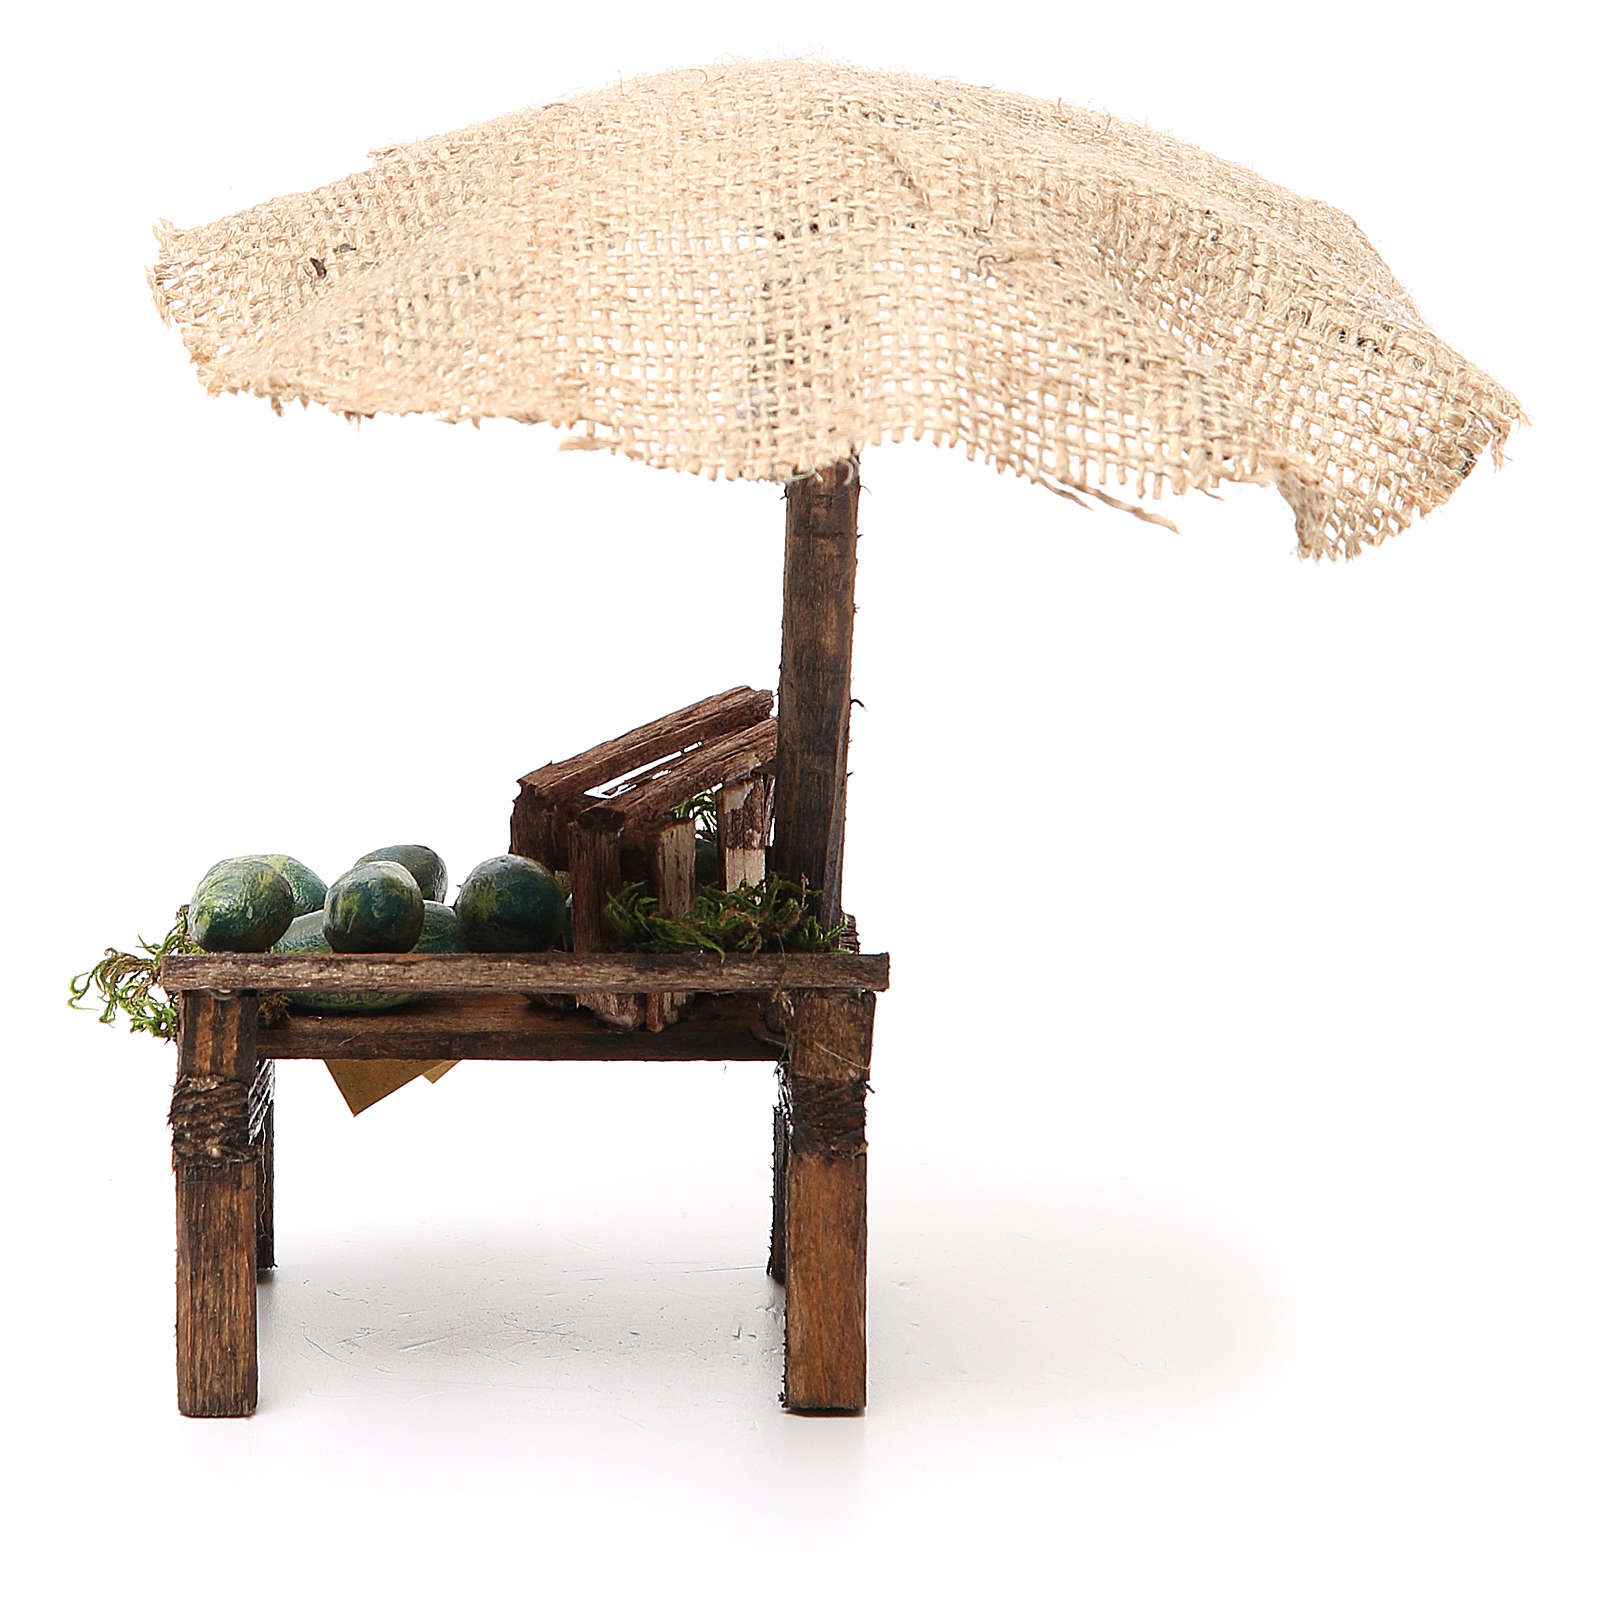 Banchetto presepe con ombrello angurie 16x10x12 cm 4